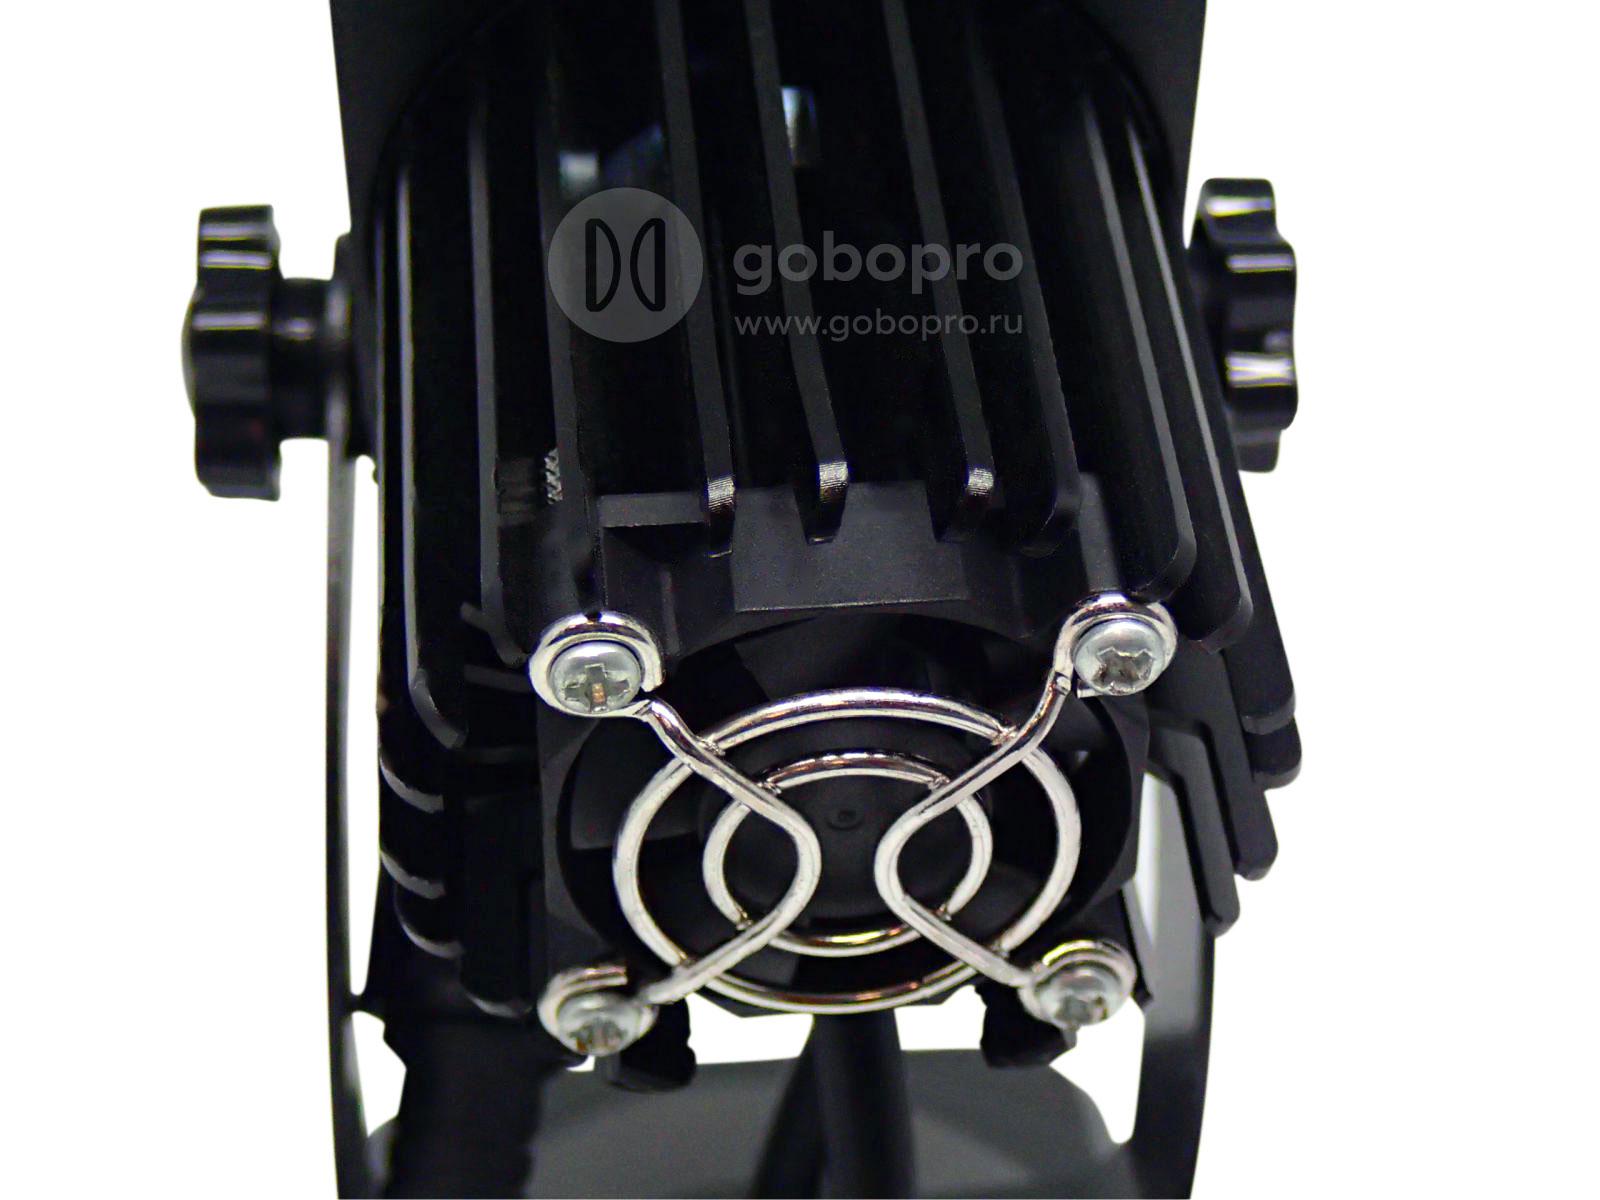 Проектор gobo GoboPro GBP-3001